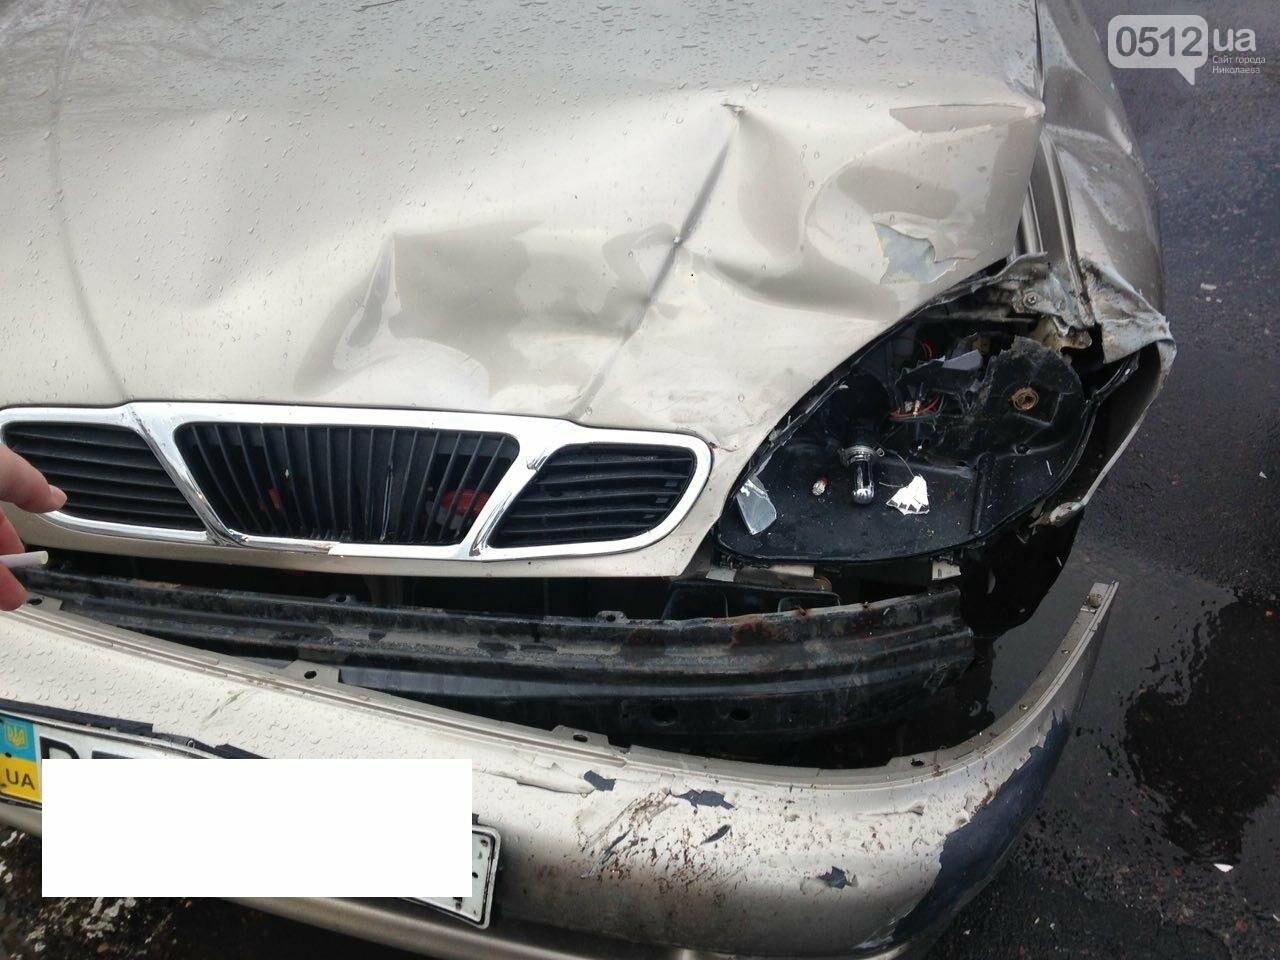 В Николаеве нетрезвый водитель ВАЗа подрезал Daewoo и спровоцировал ДТП, - ФОТО, фото-2